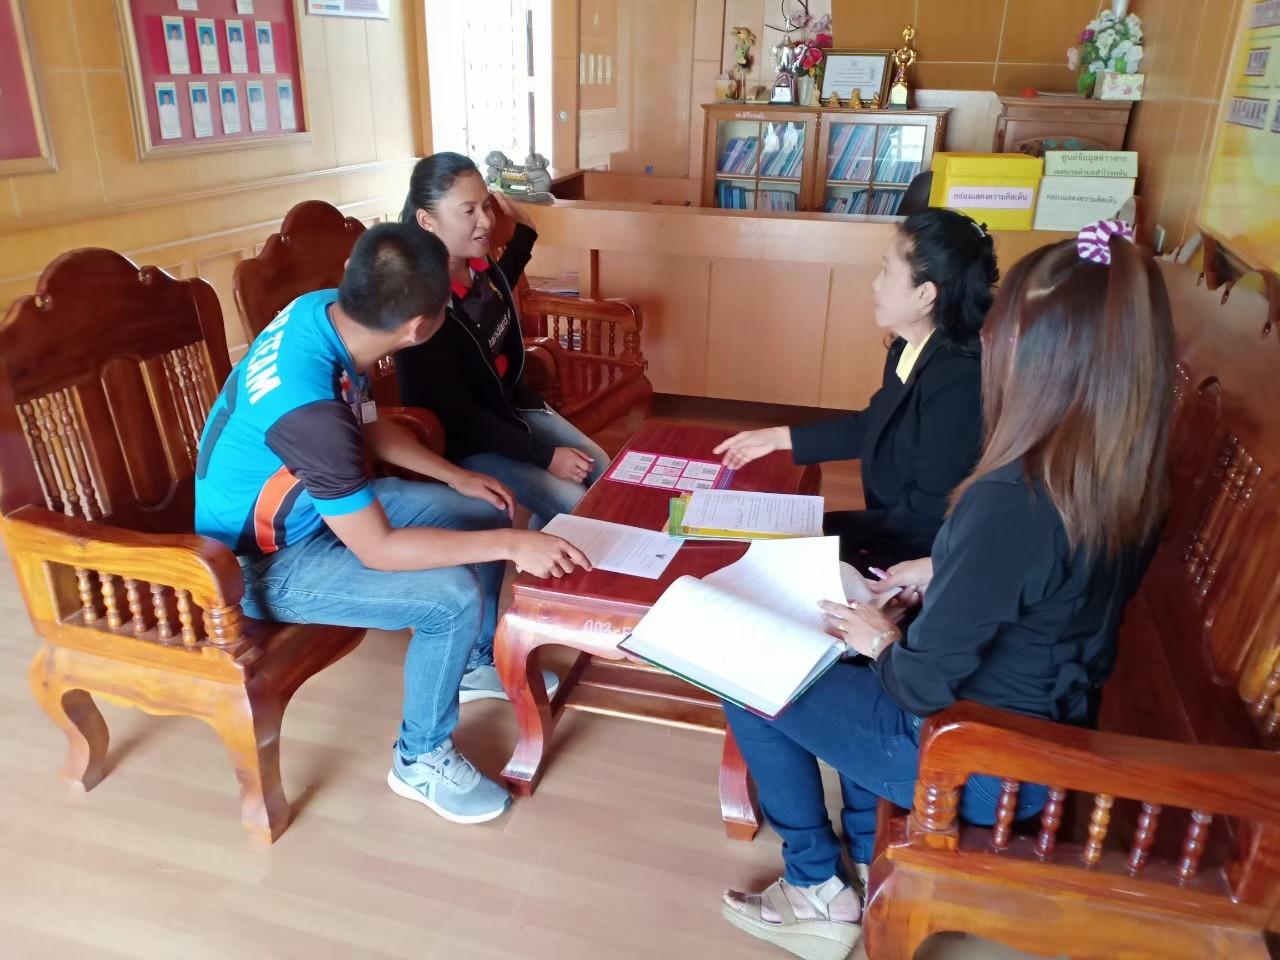 โครงการขยายเครือข่ายข้อมูลข่าวสารสู่ตำบลและหมู่บ้าน ปี 2562 ในจังหวัดศรีสะเกษ